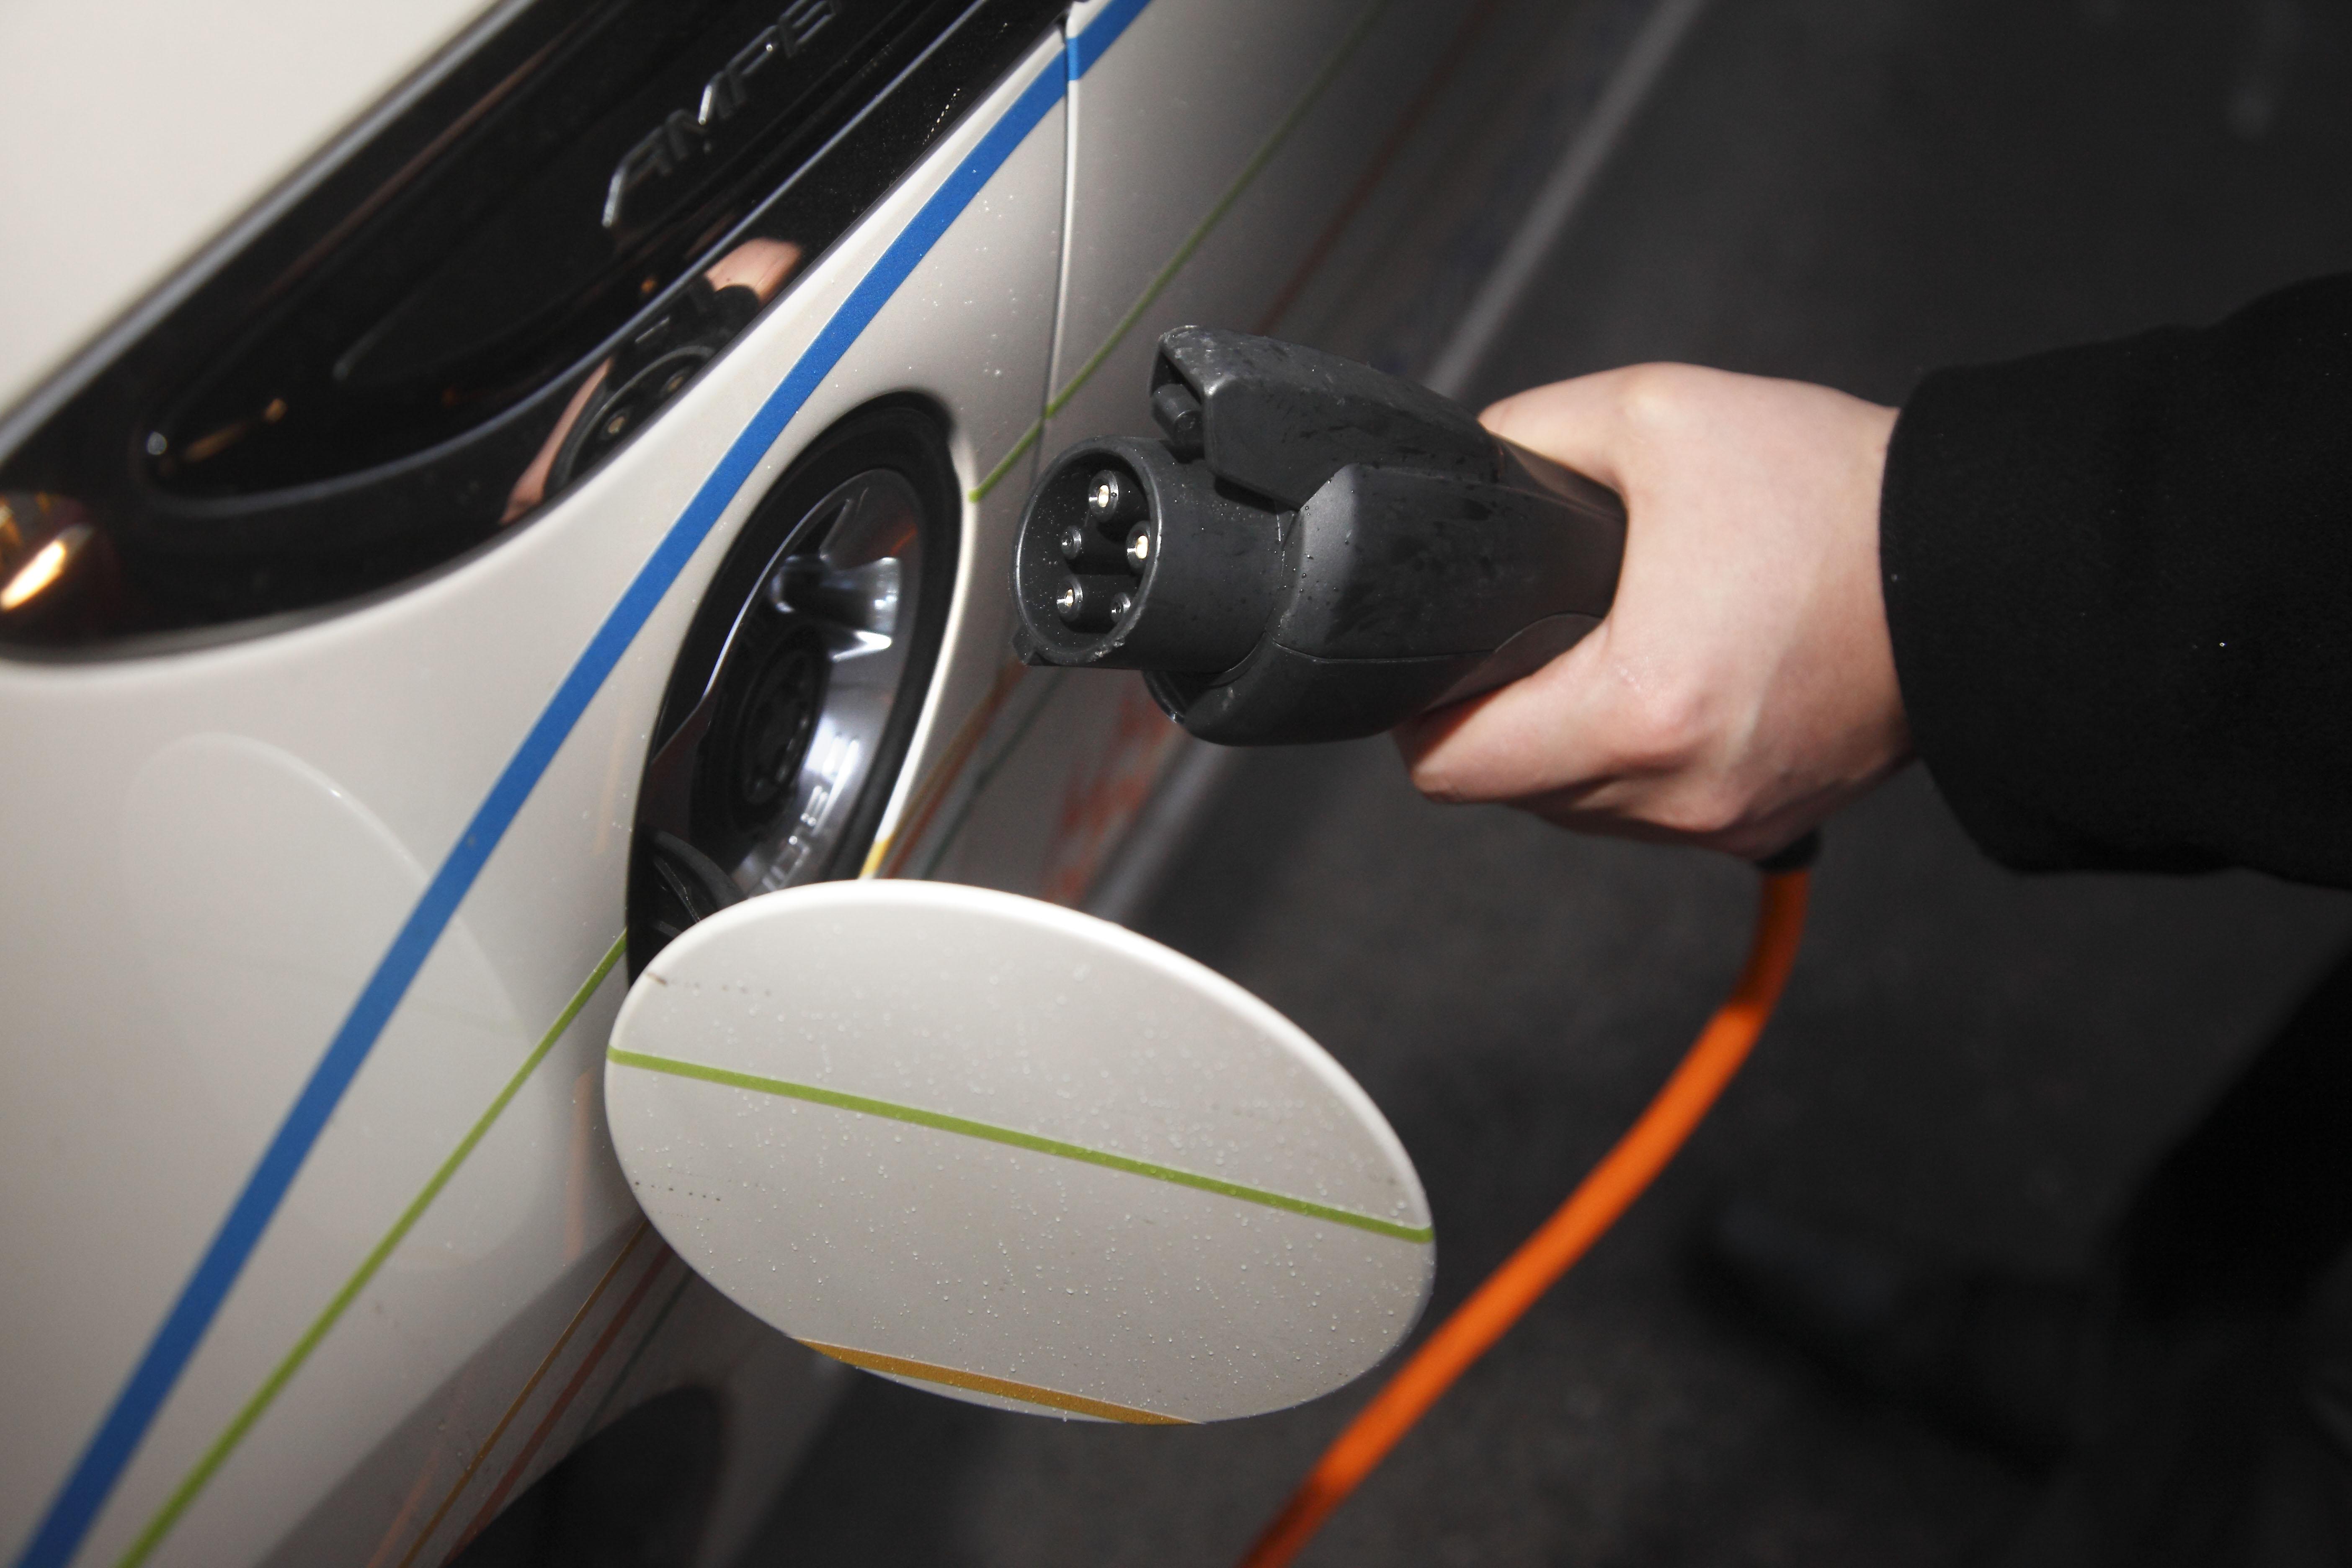 Tampereen kaupungin sähköautojen lataaminen muuttuu maksulliseksi -  pysäköinti latauksen aikana on maksutonta. c37b059719